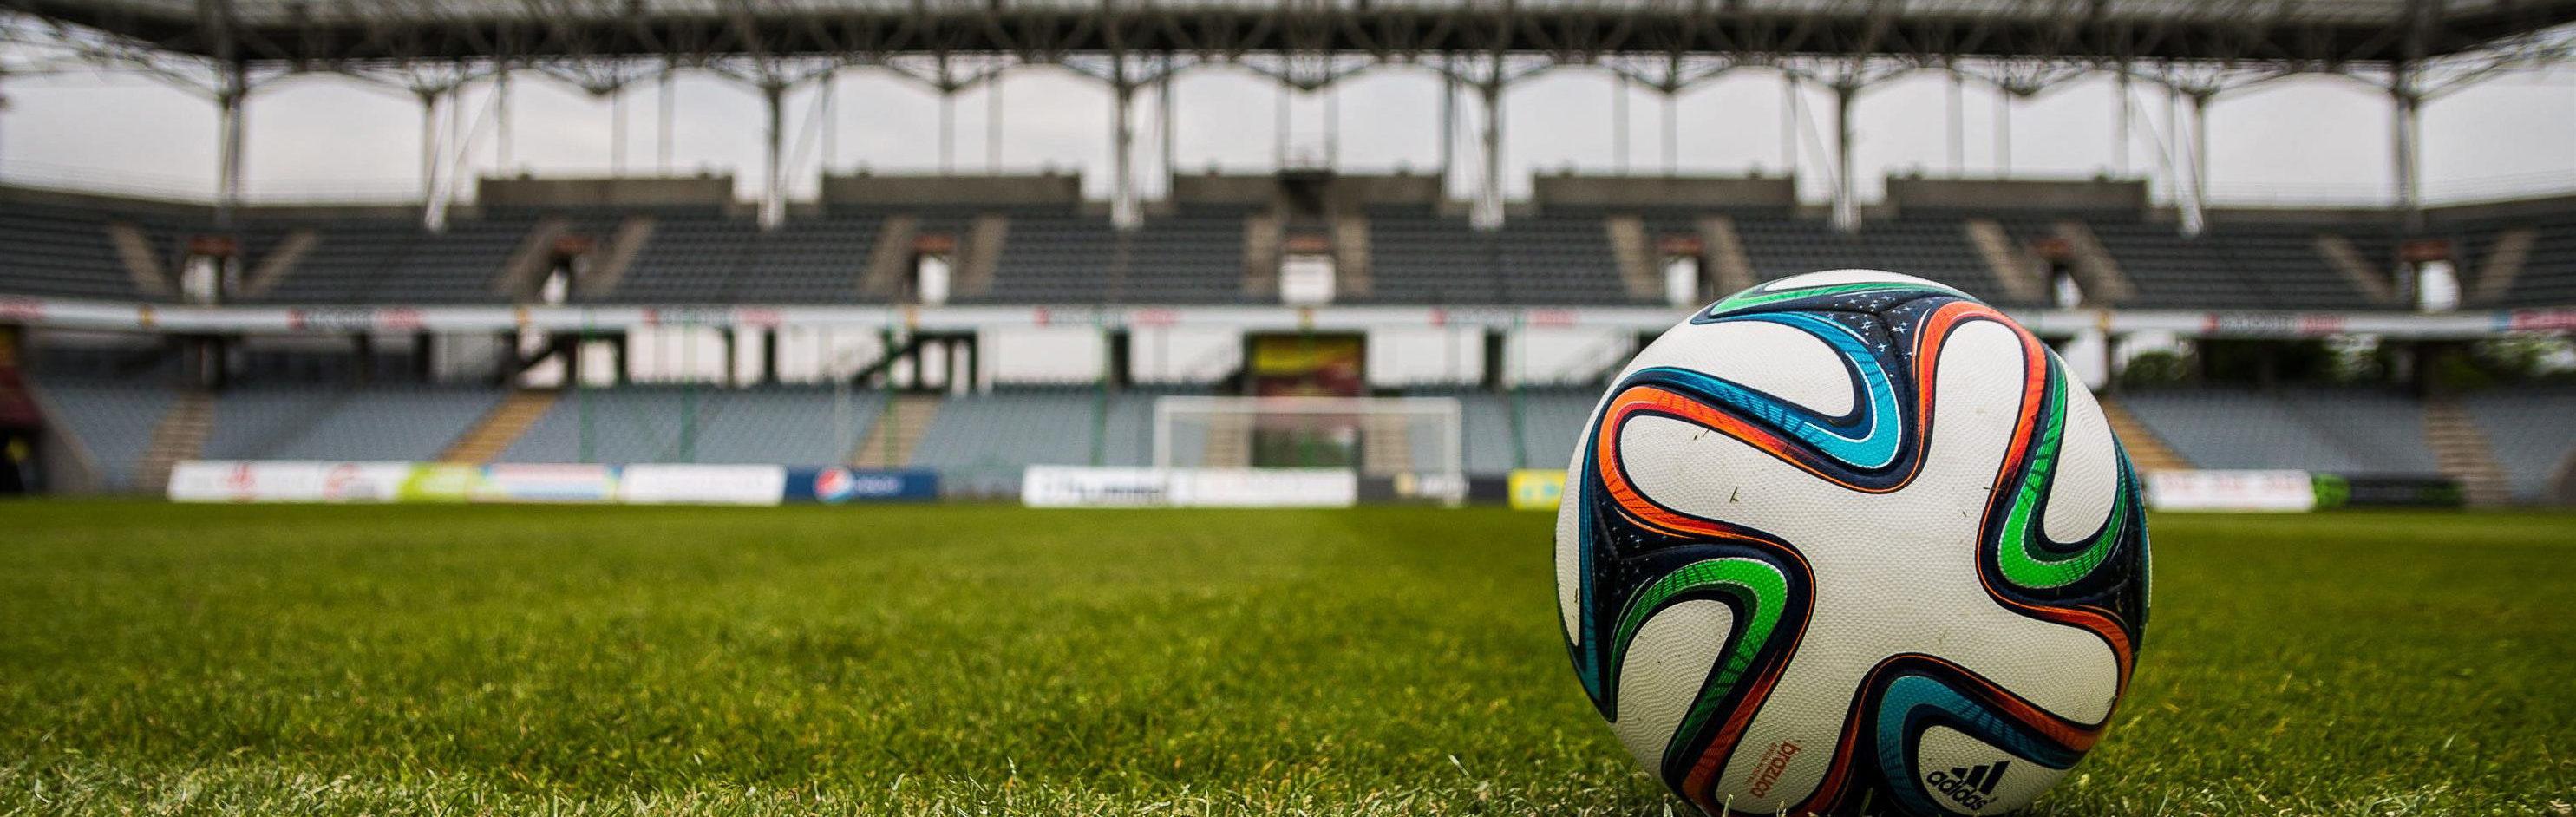 Fußballfeld und Ball